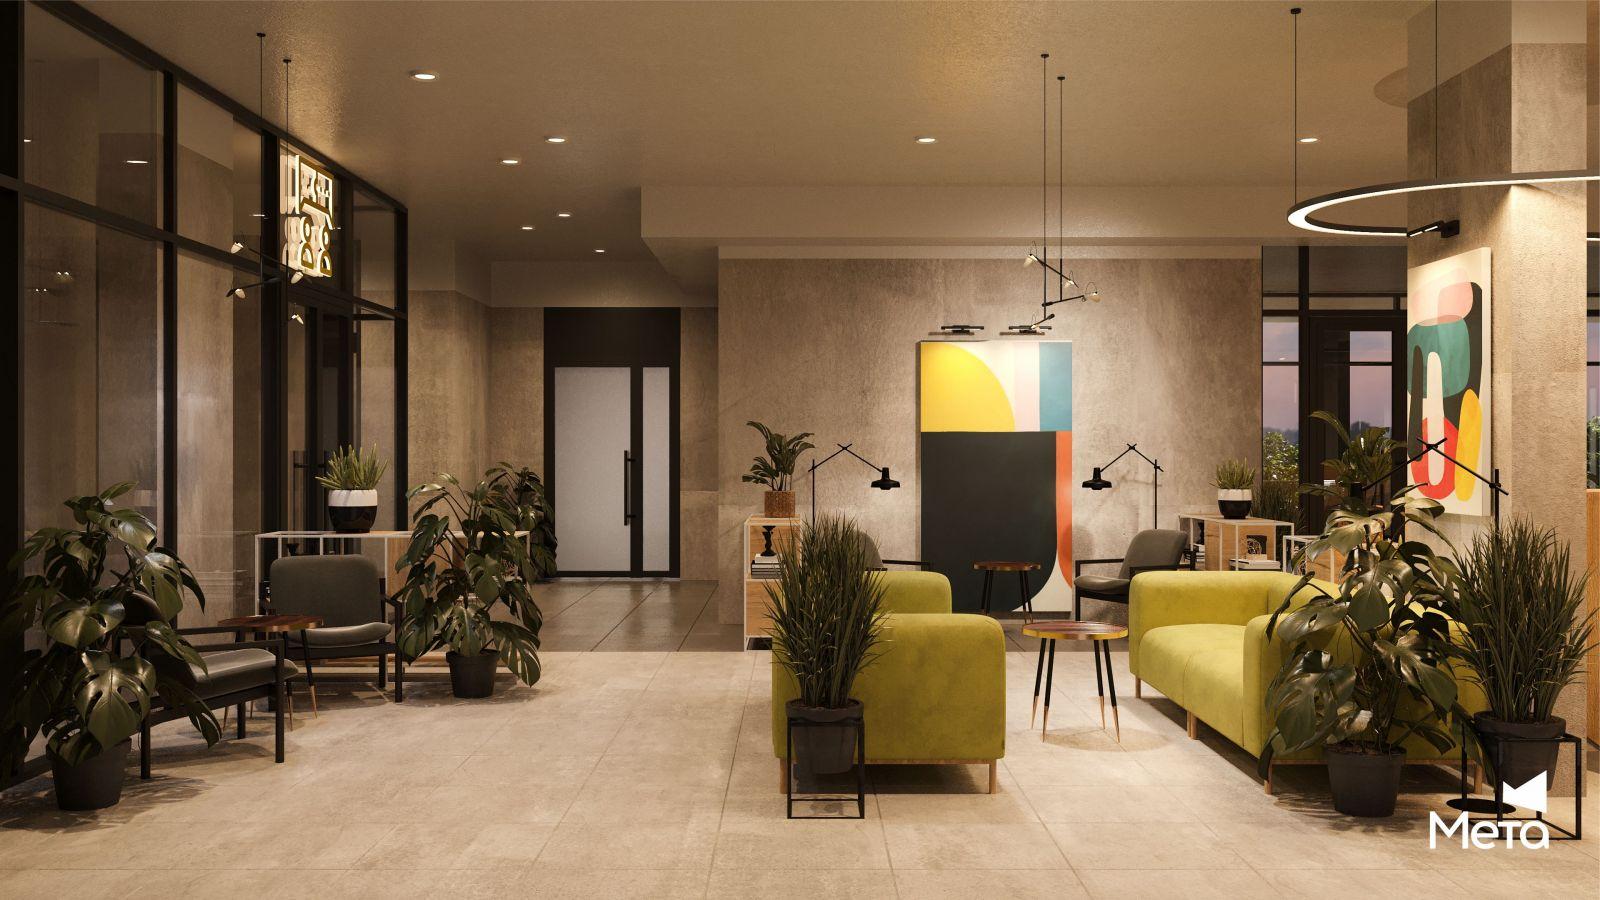 Резиденция Тихомиров Новосибирске предлагает новый формат городской жизни бизнес-класса